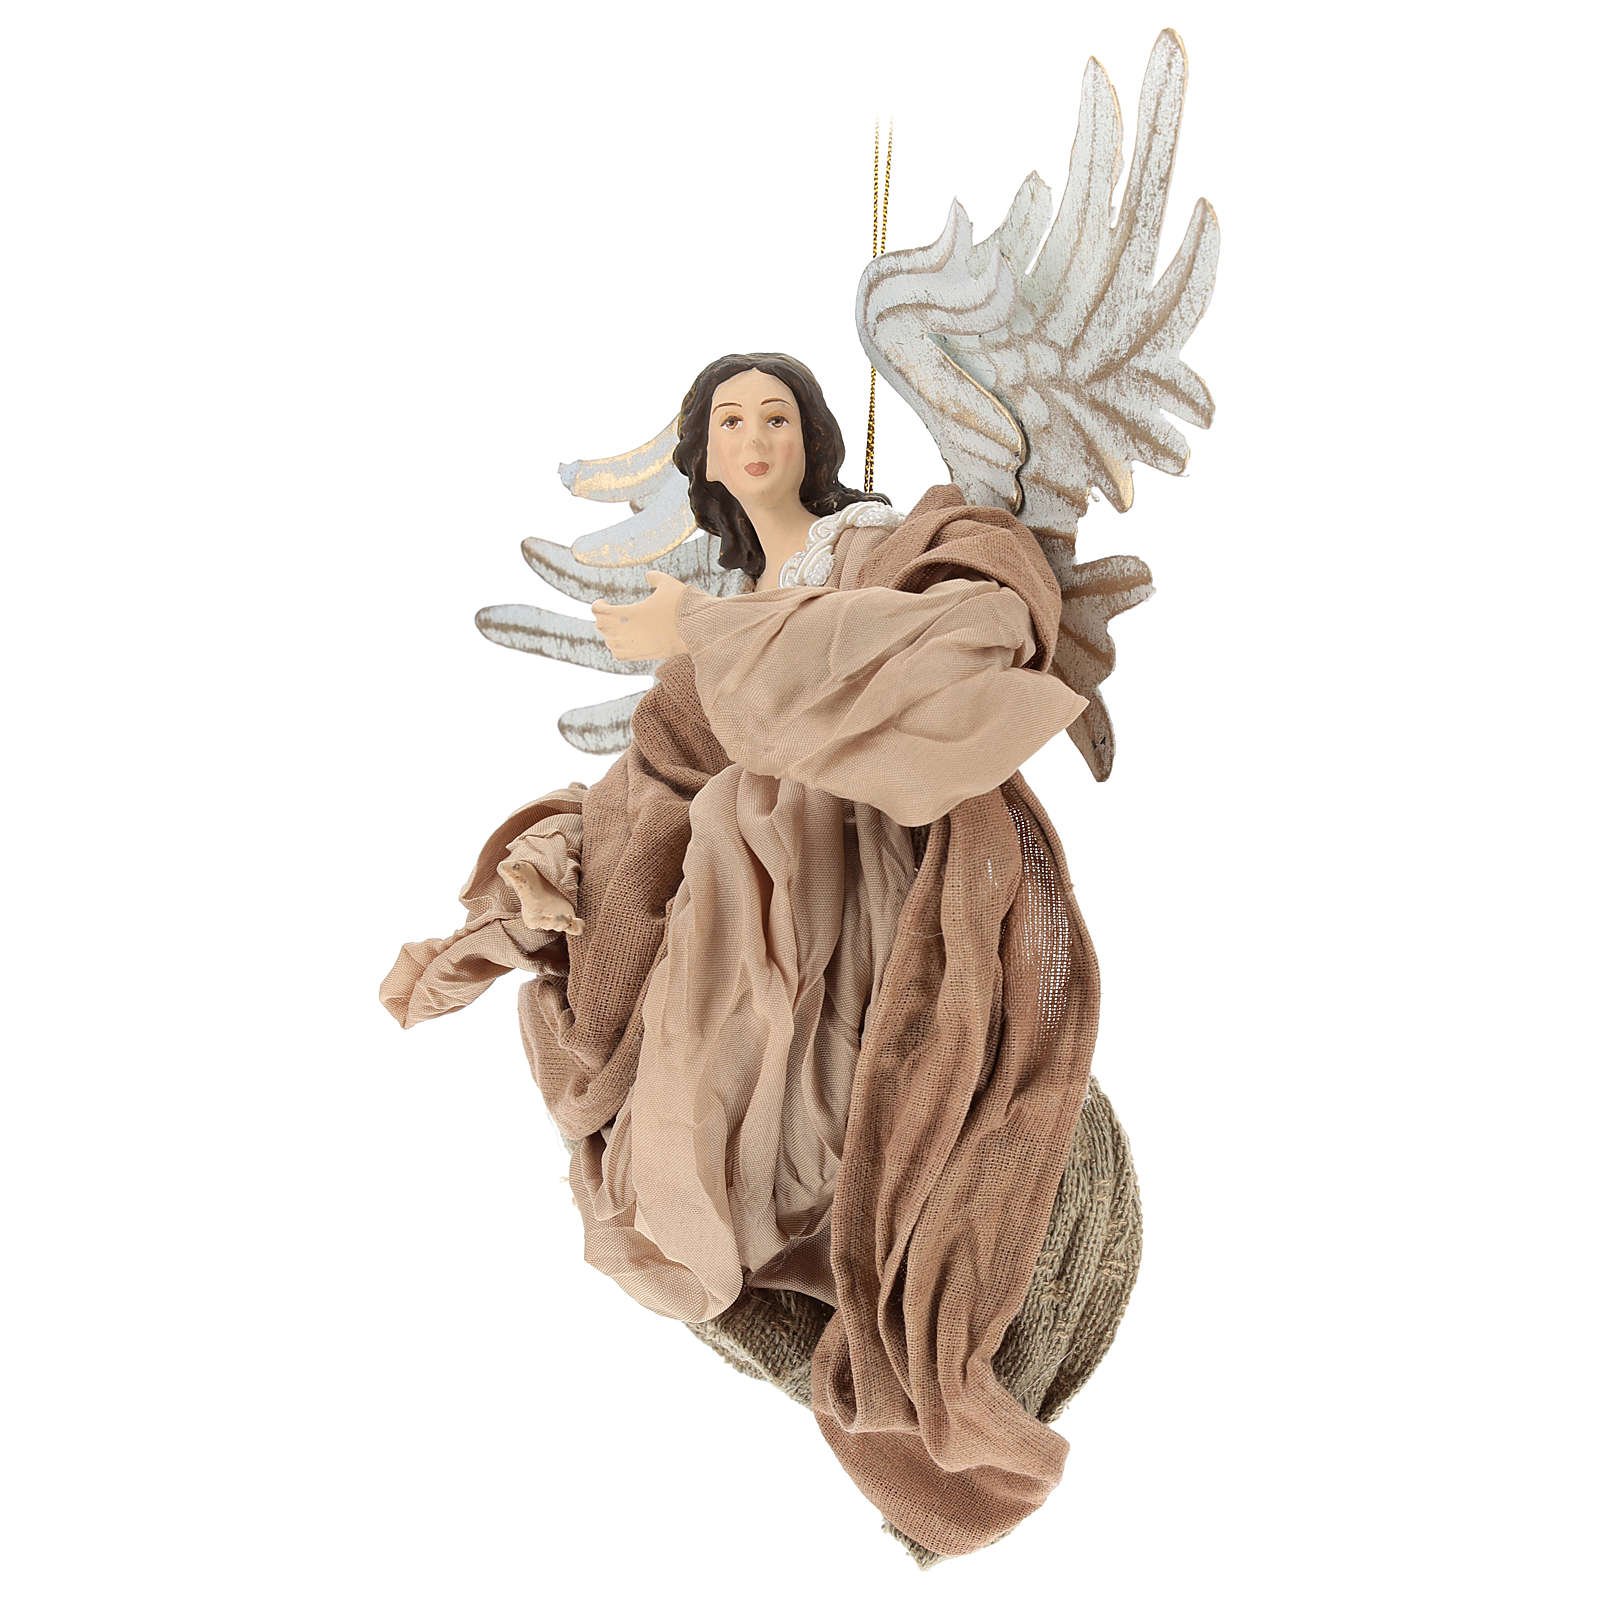 Anjo em vôo em terracota com cabeça para a direita 3